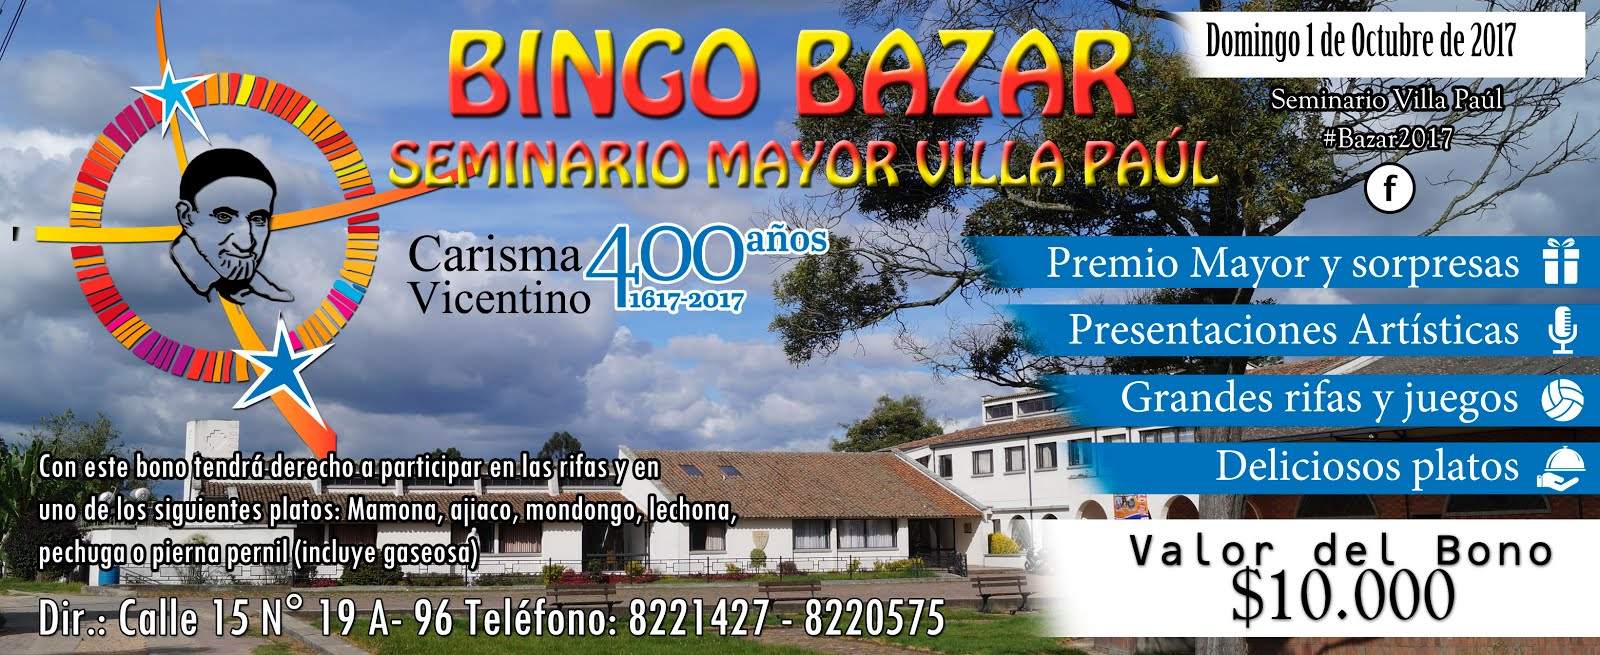 Participa en Familia- Bingo Bazar 2017